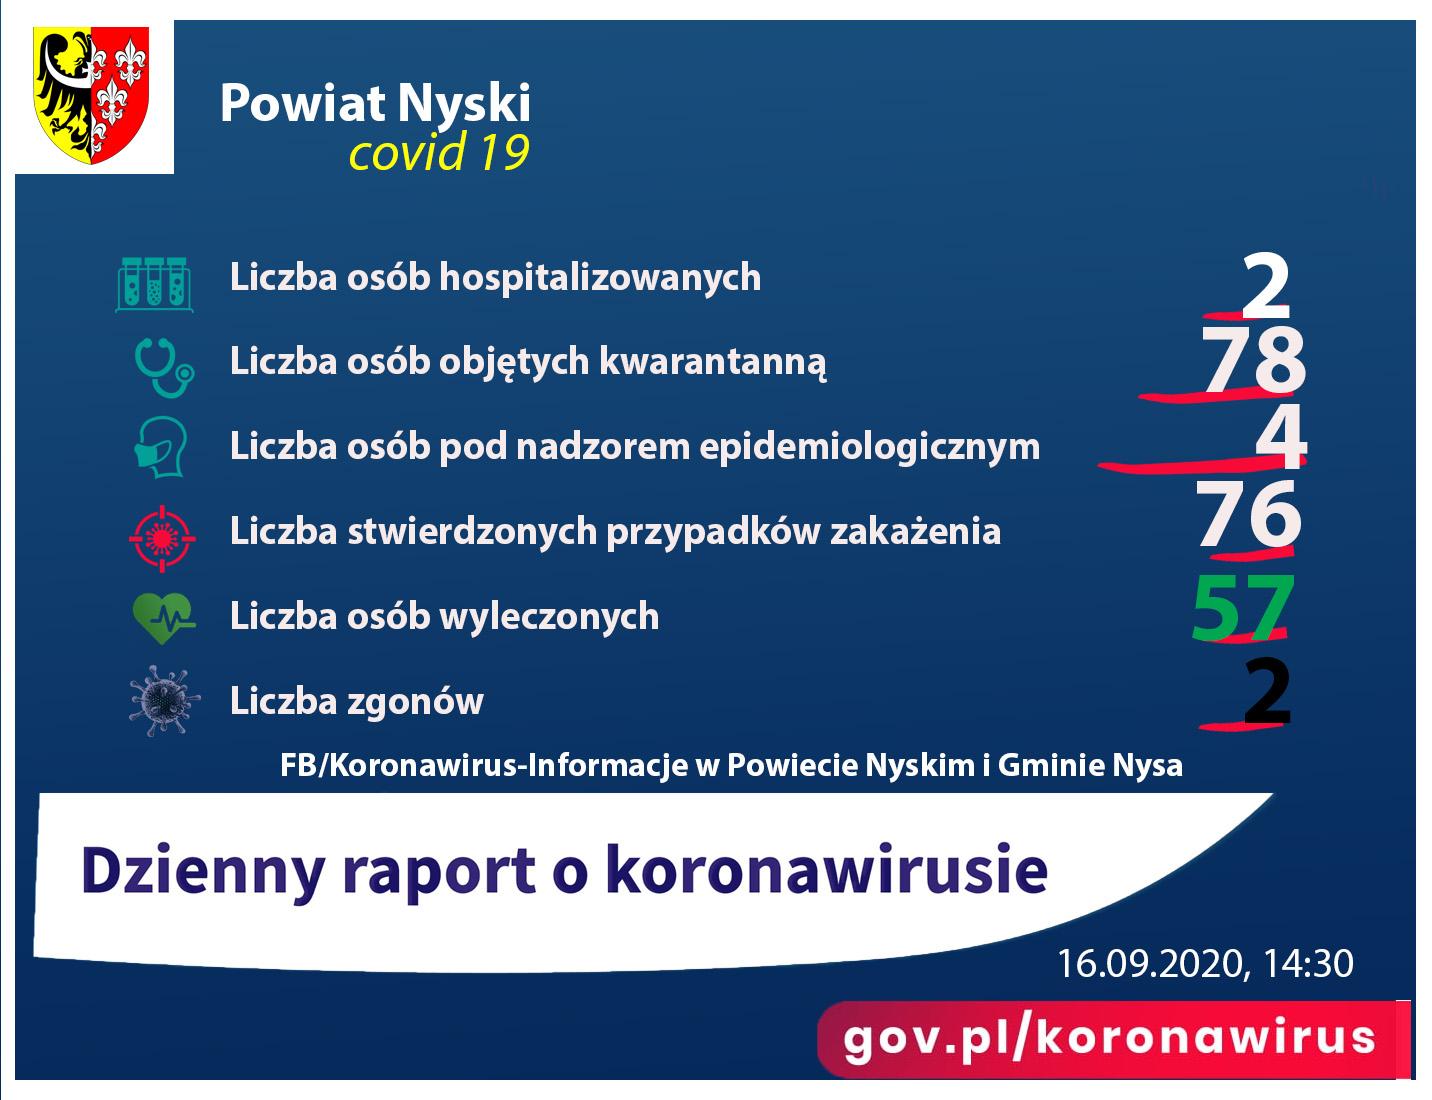 Rapot przedstawia liczbę osób zakażonych, hospitalizowanych